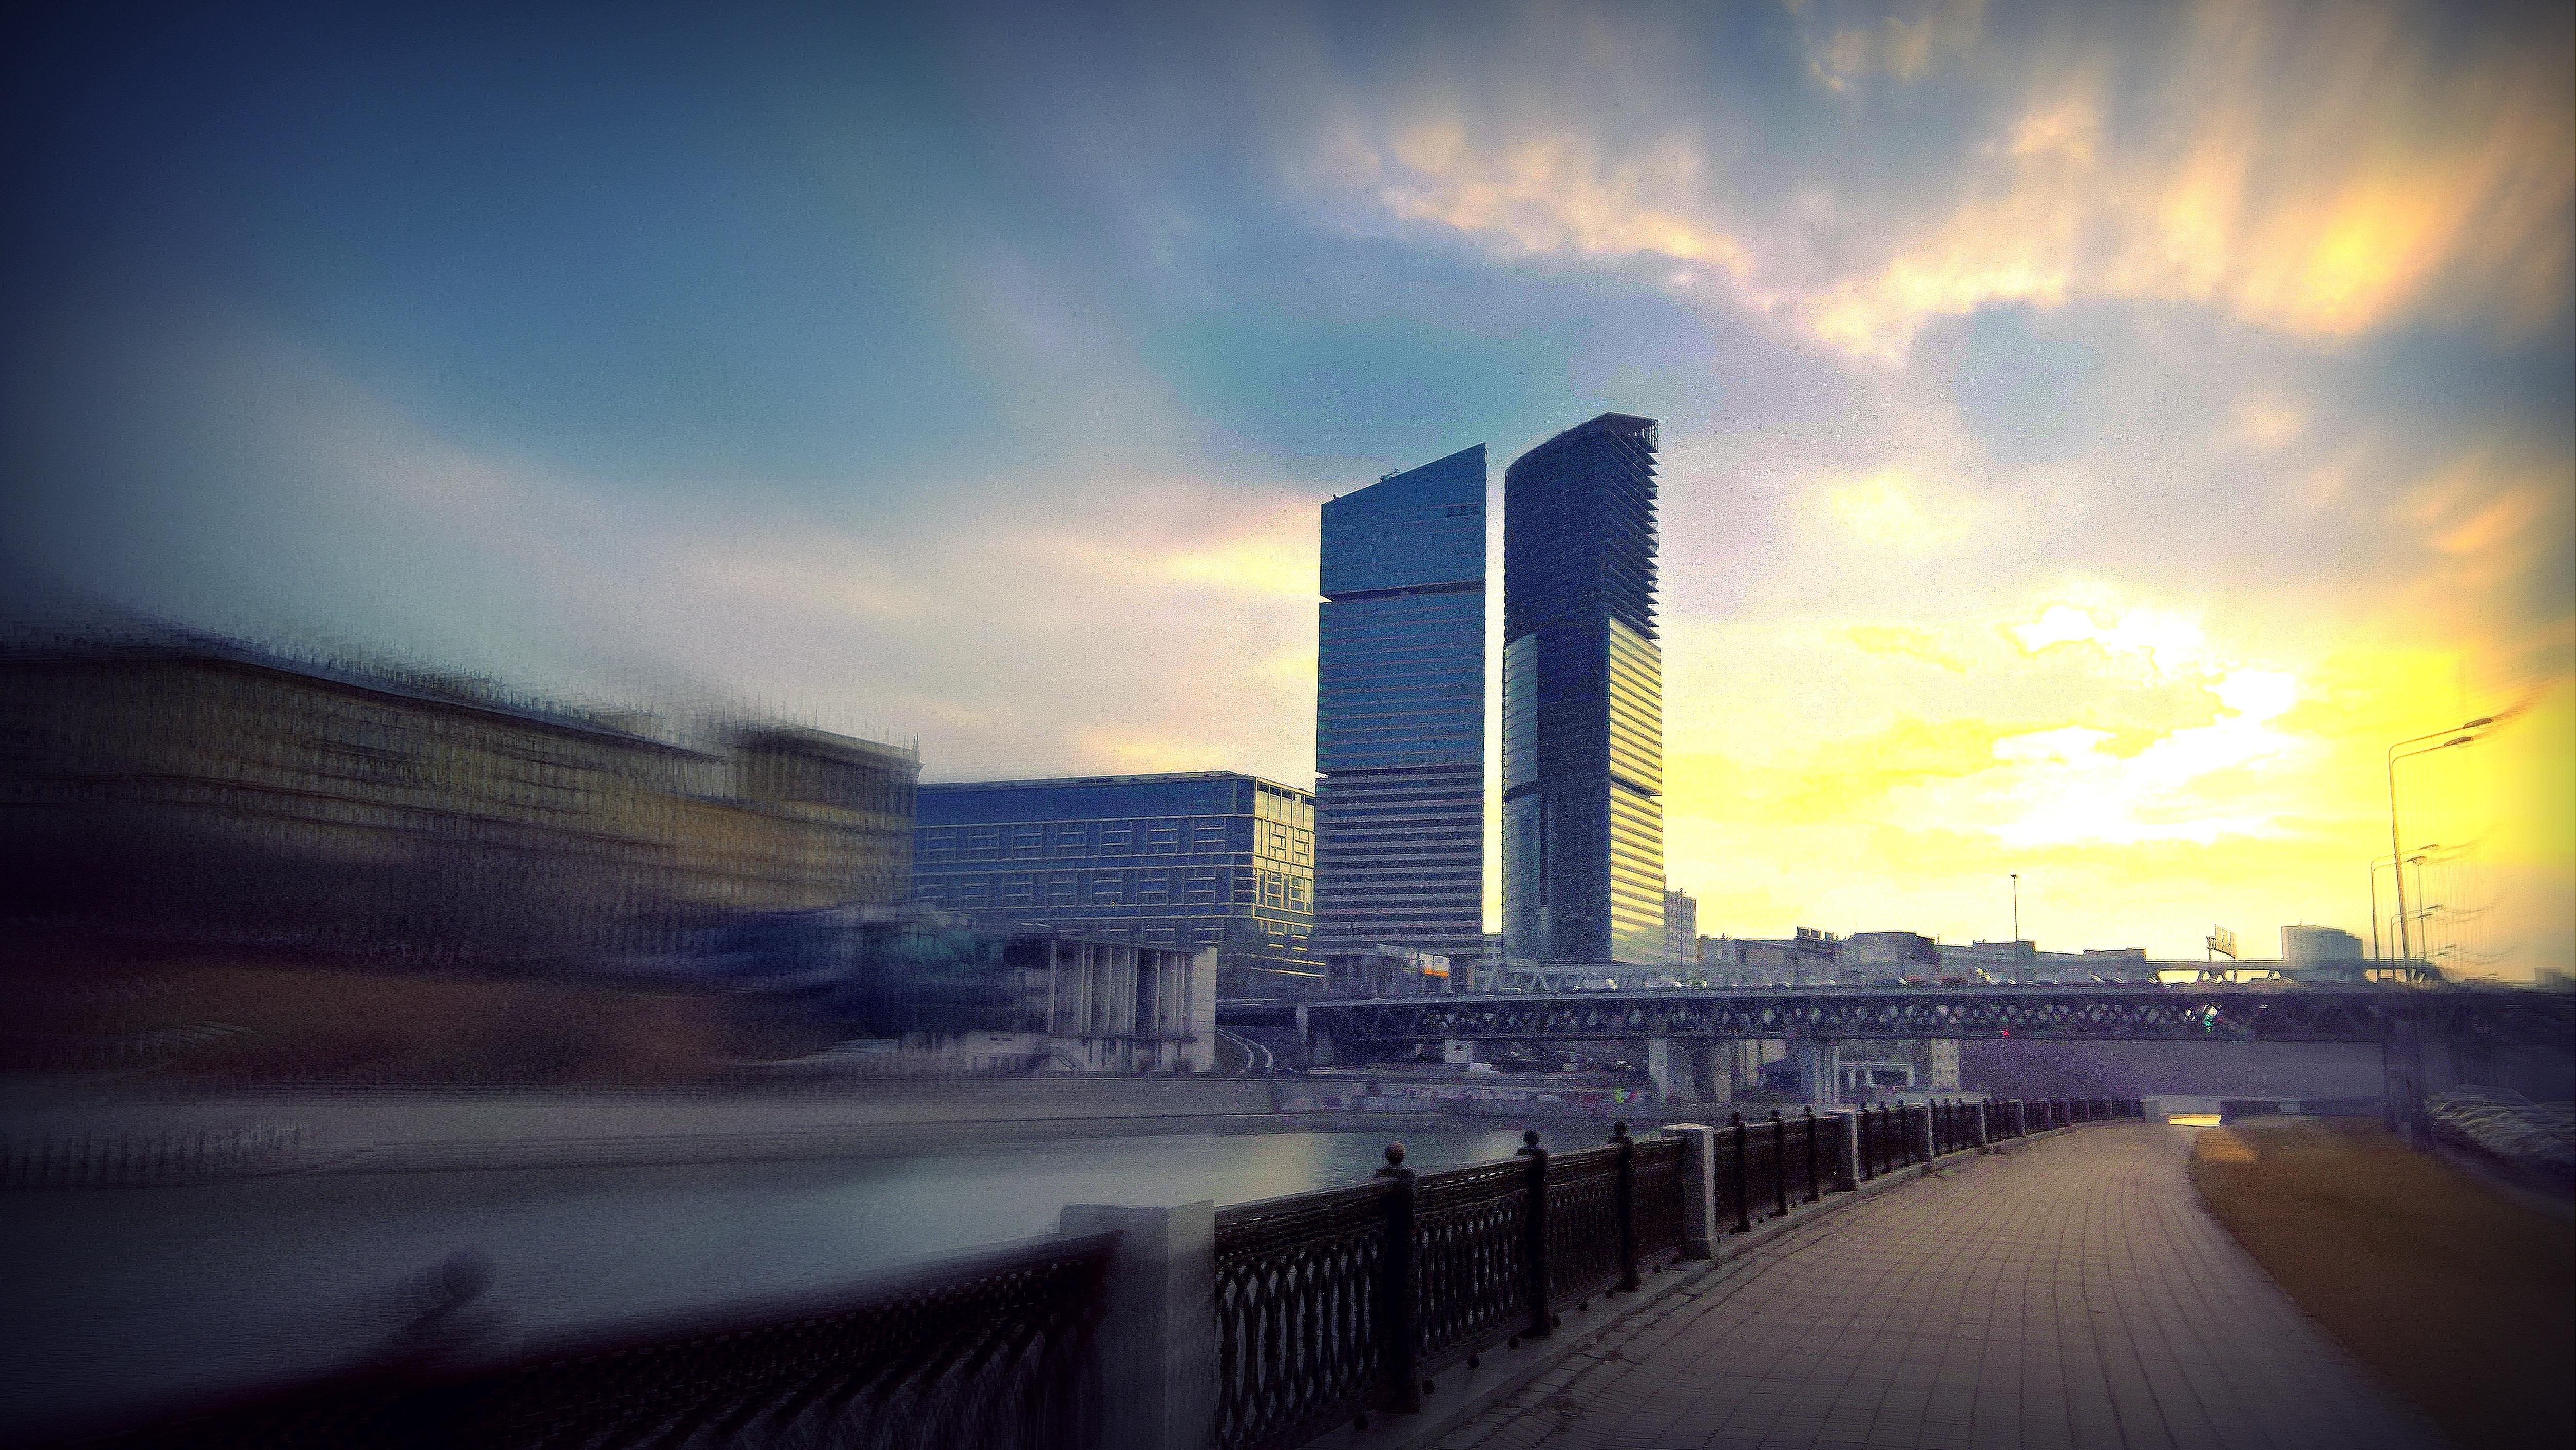 Обои Облака, здания, набережная, красота. Города foto 16